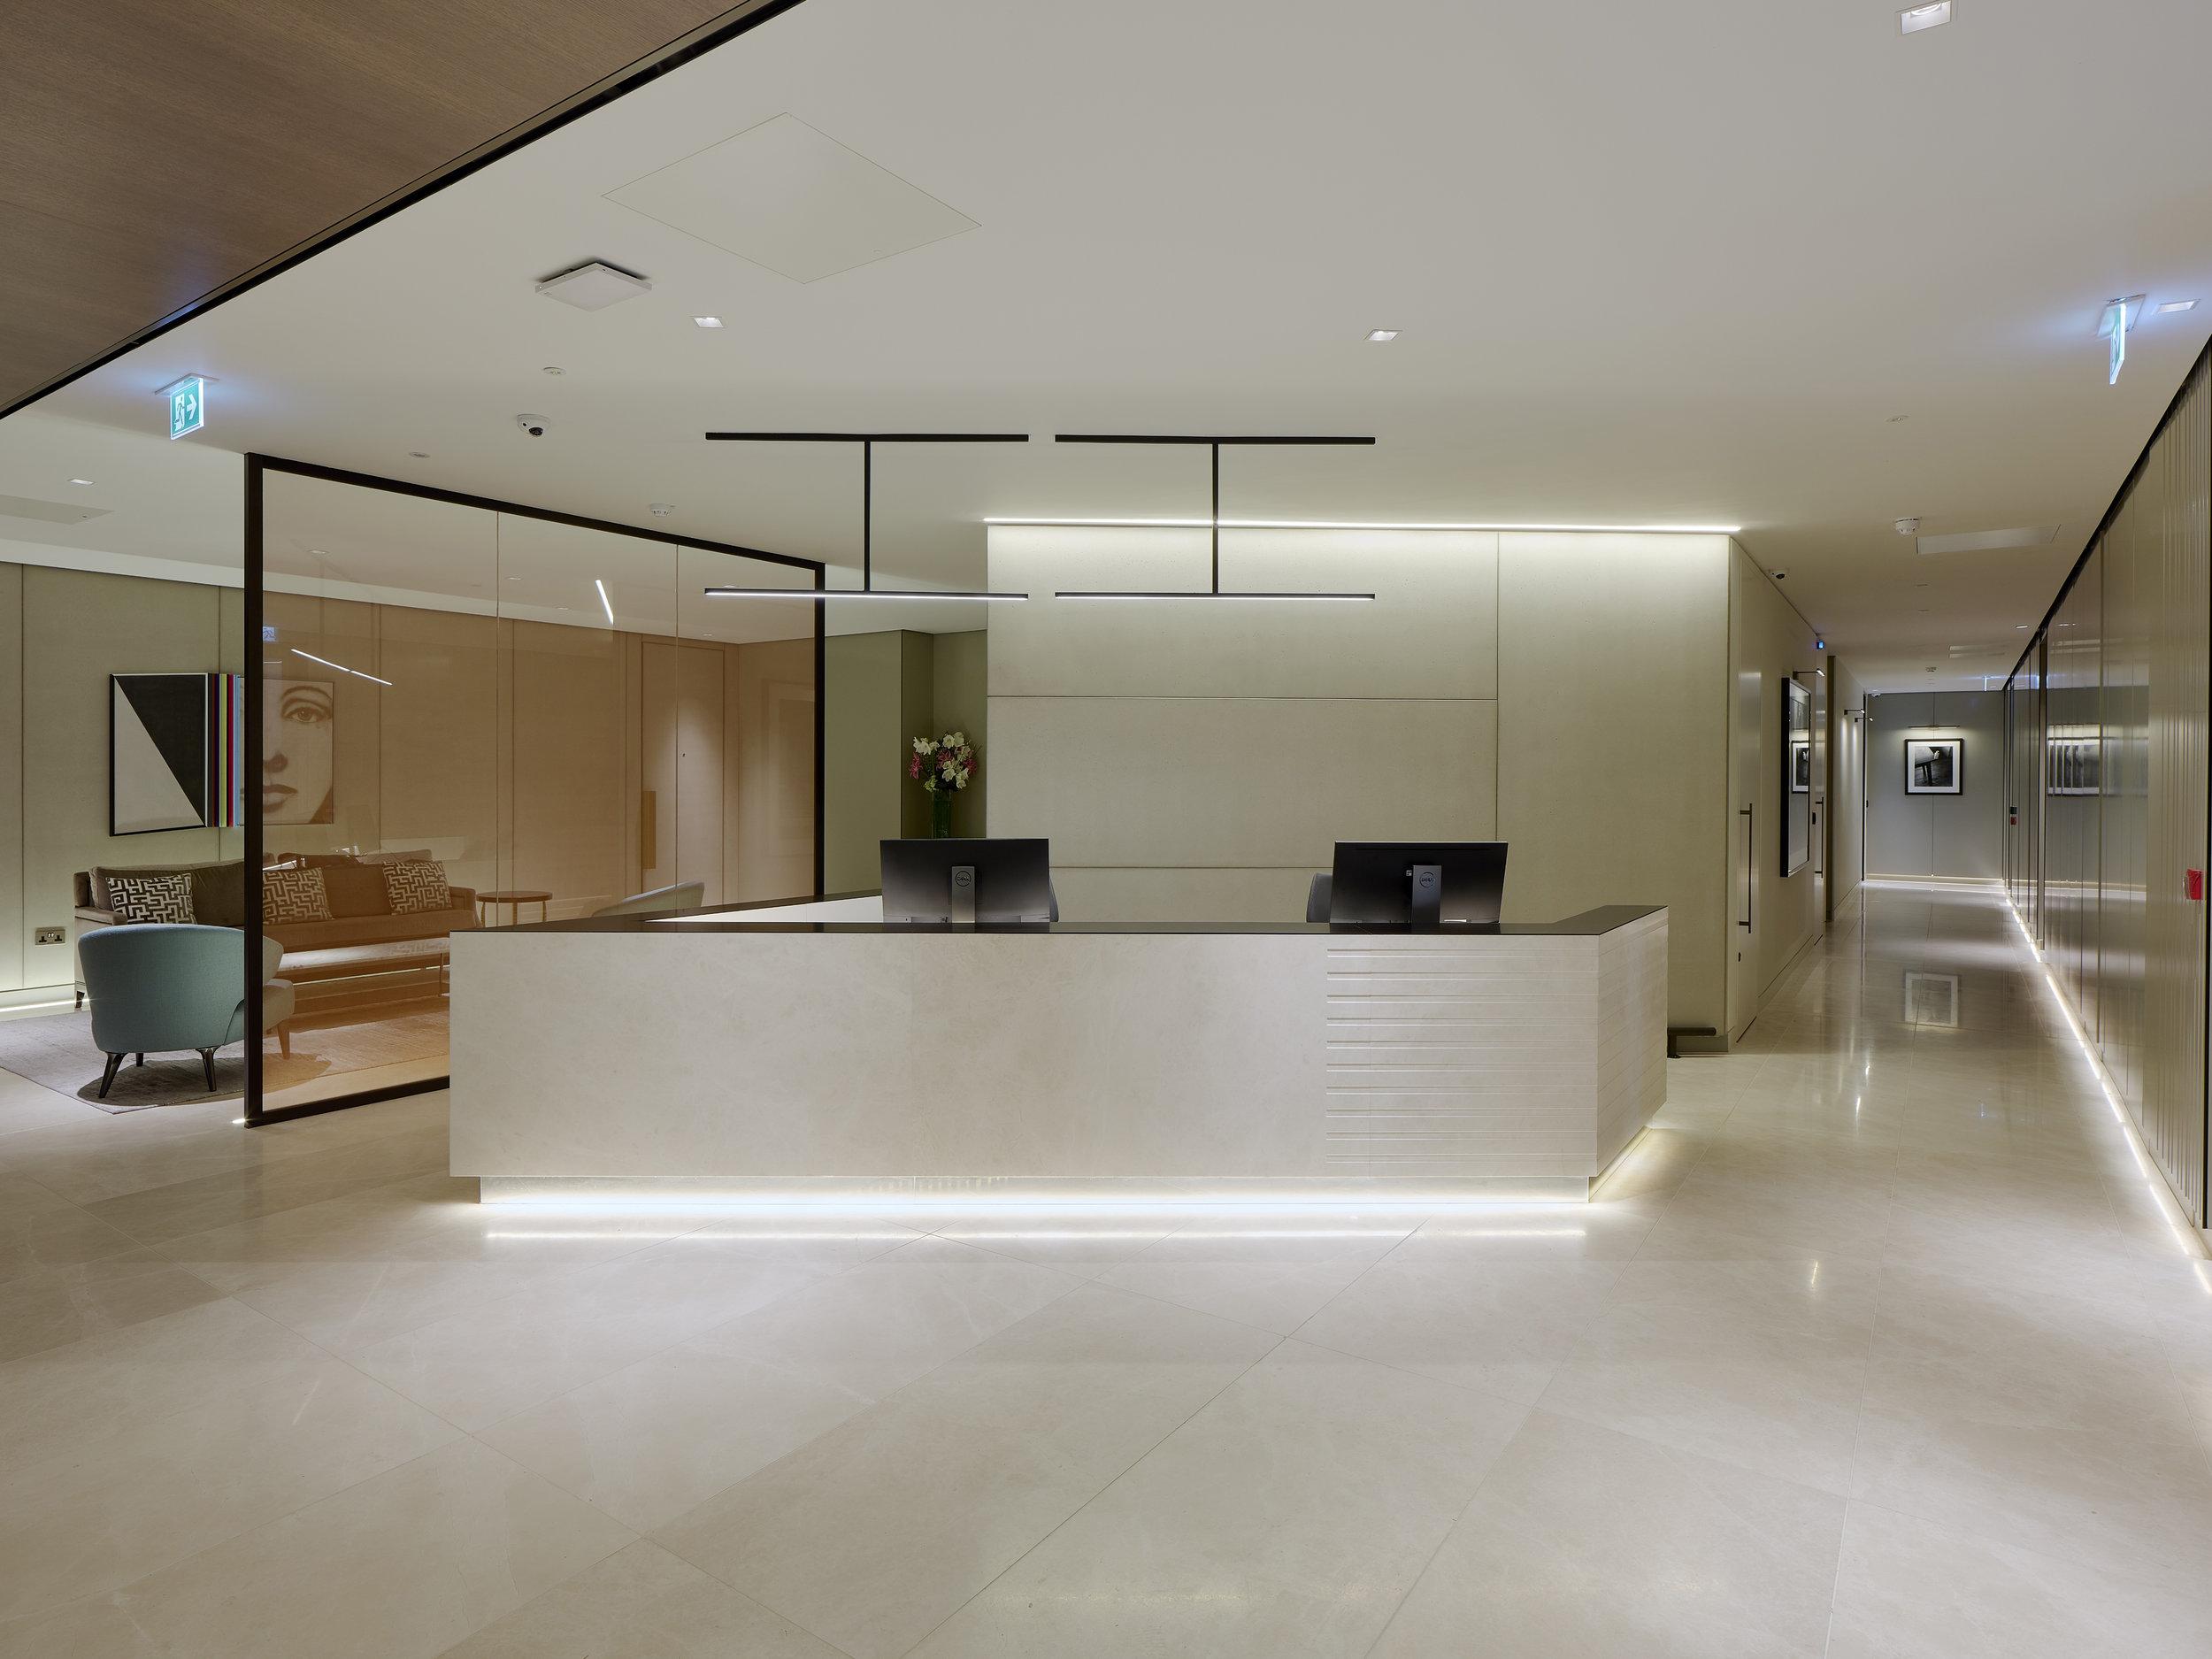 Private Financial Client Mayfair SLLD (5).jpg